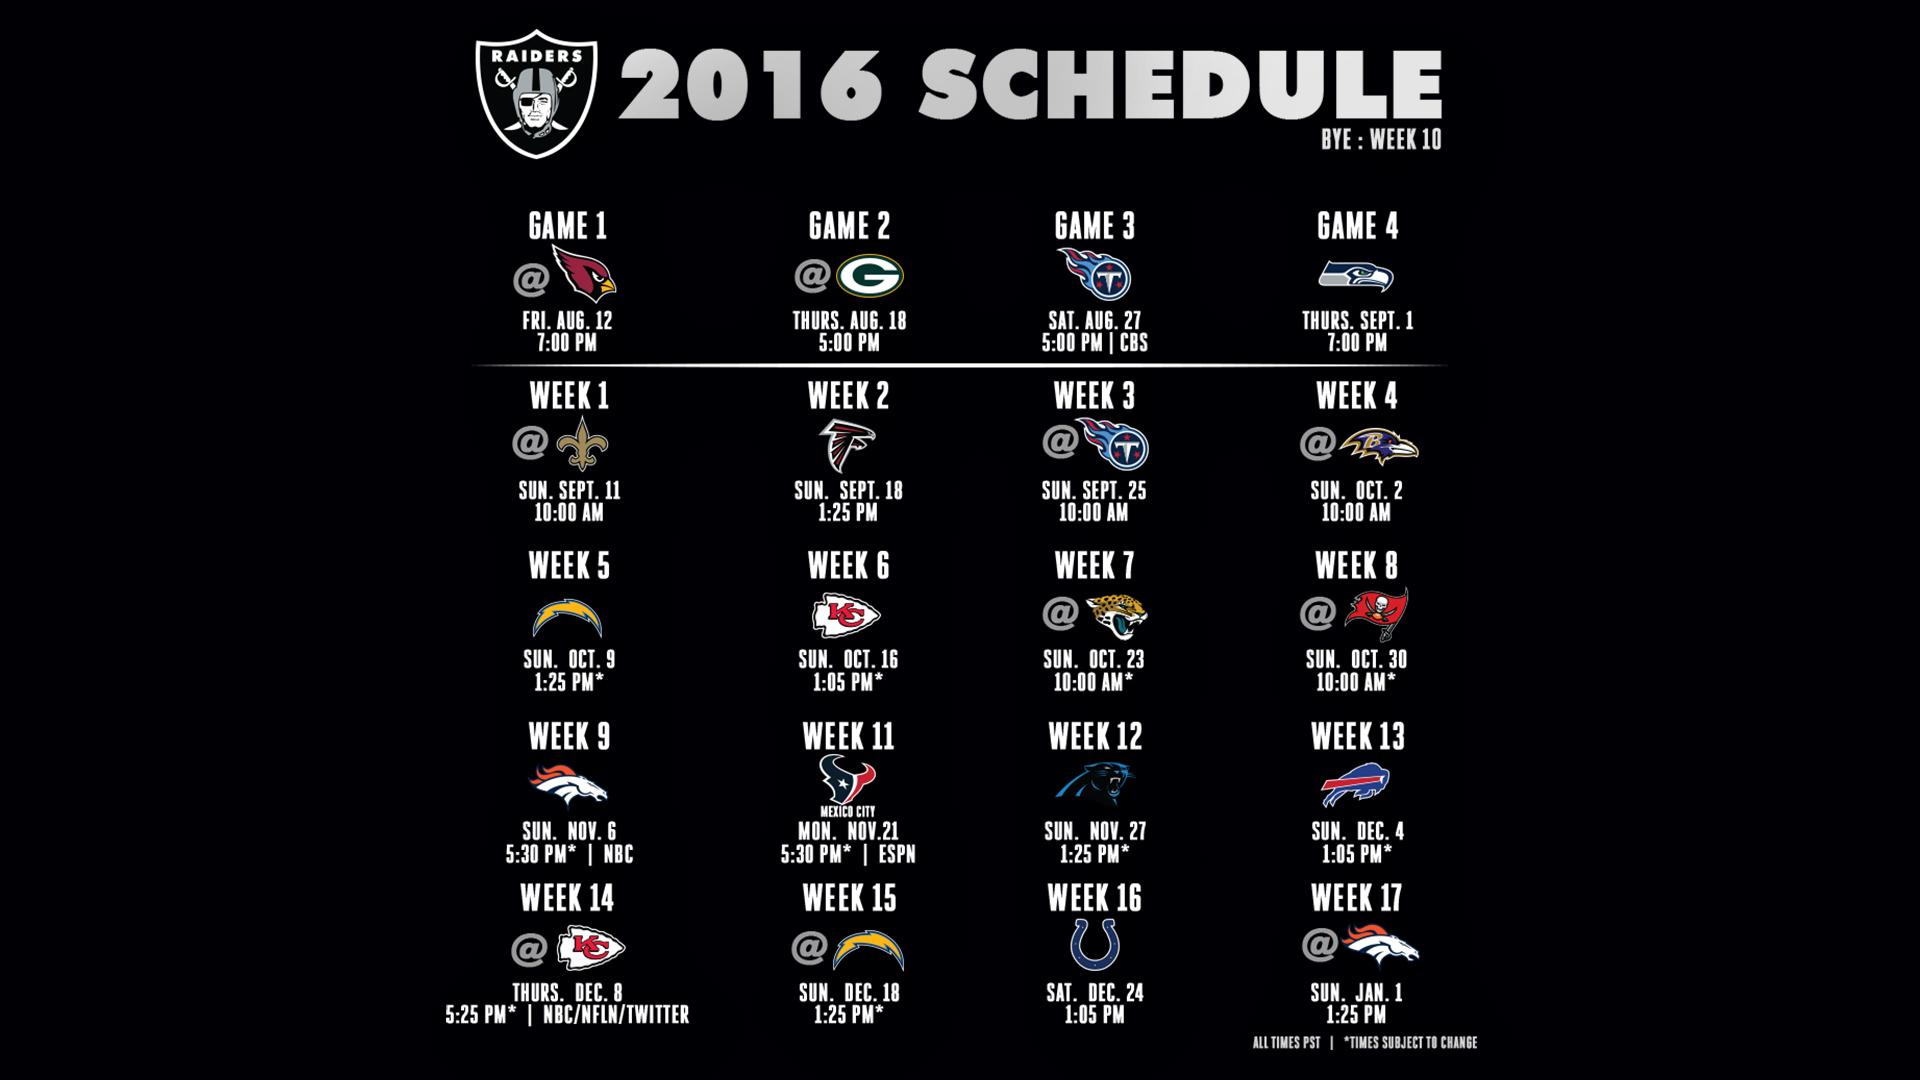 49ers Wallpaper Schedule 2016 2017 1920x1080